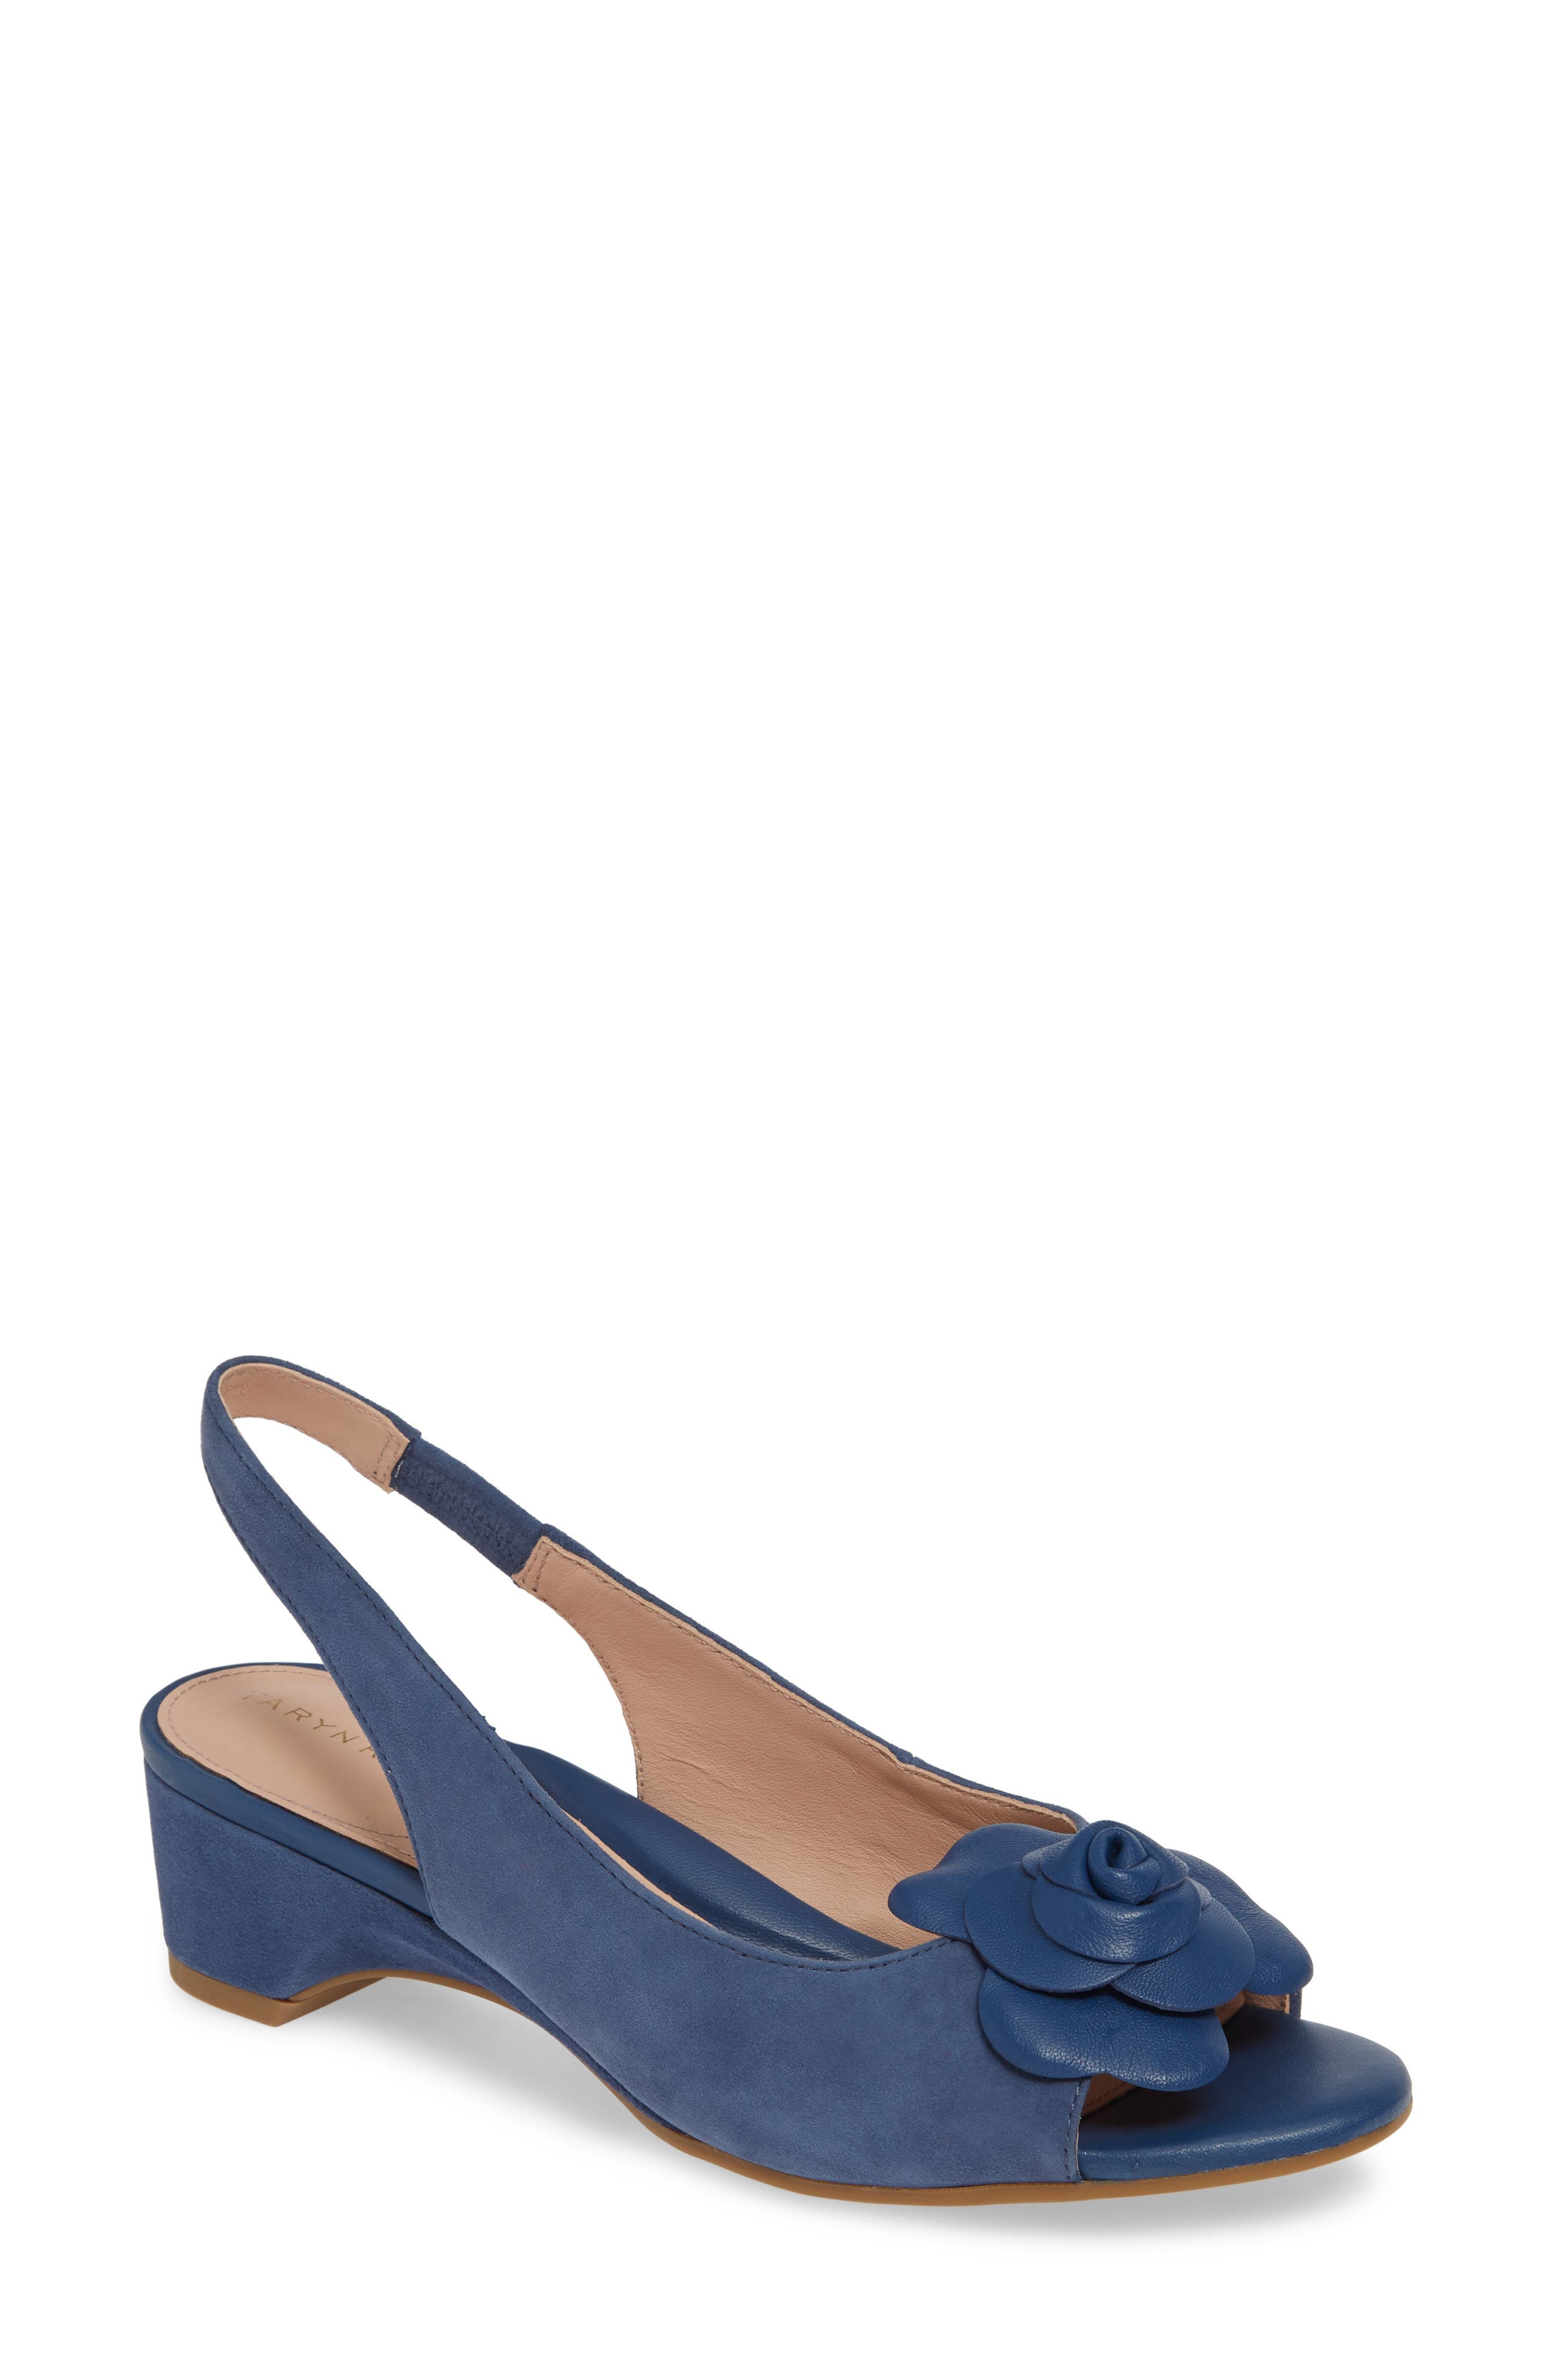 Taryn Rose Neva Slingback Sandal- Blue